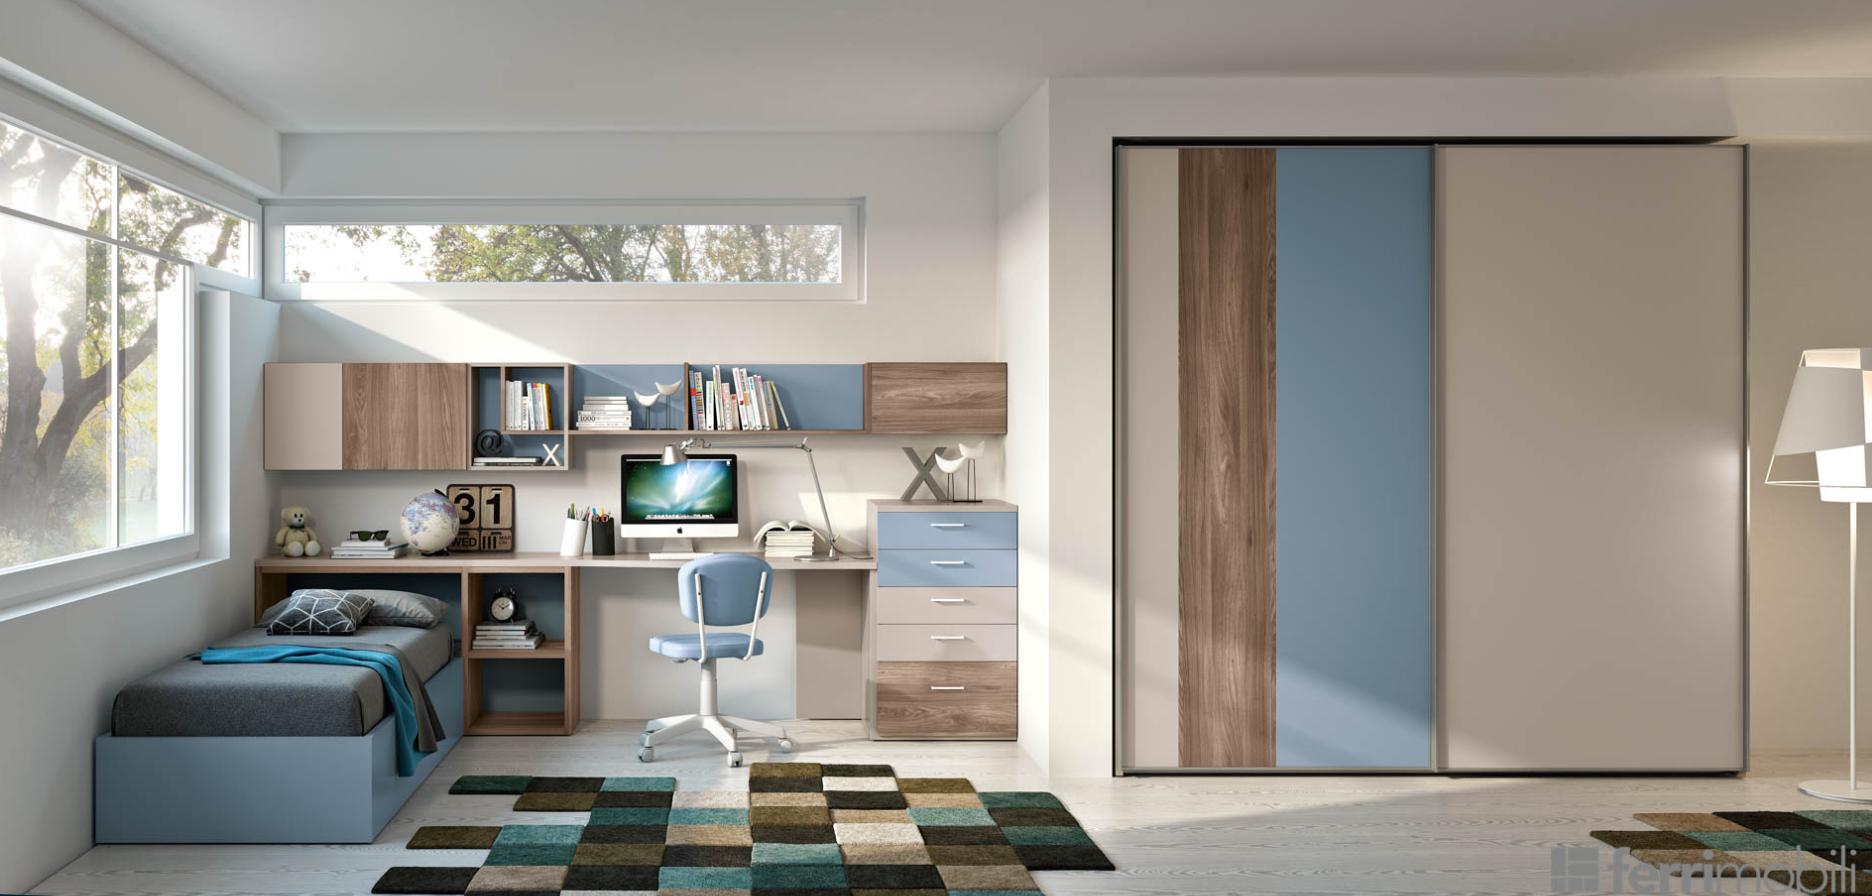 Idee camerette stanze per bambini stanza di bambino for Camerette design